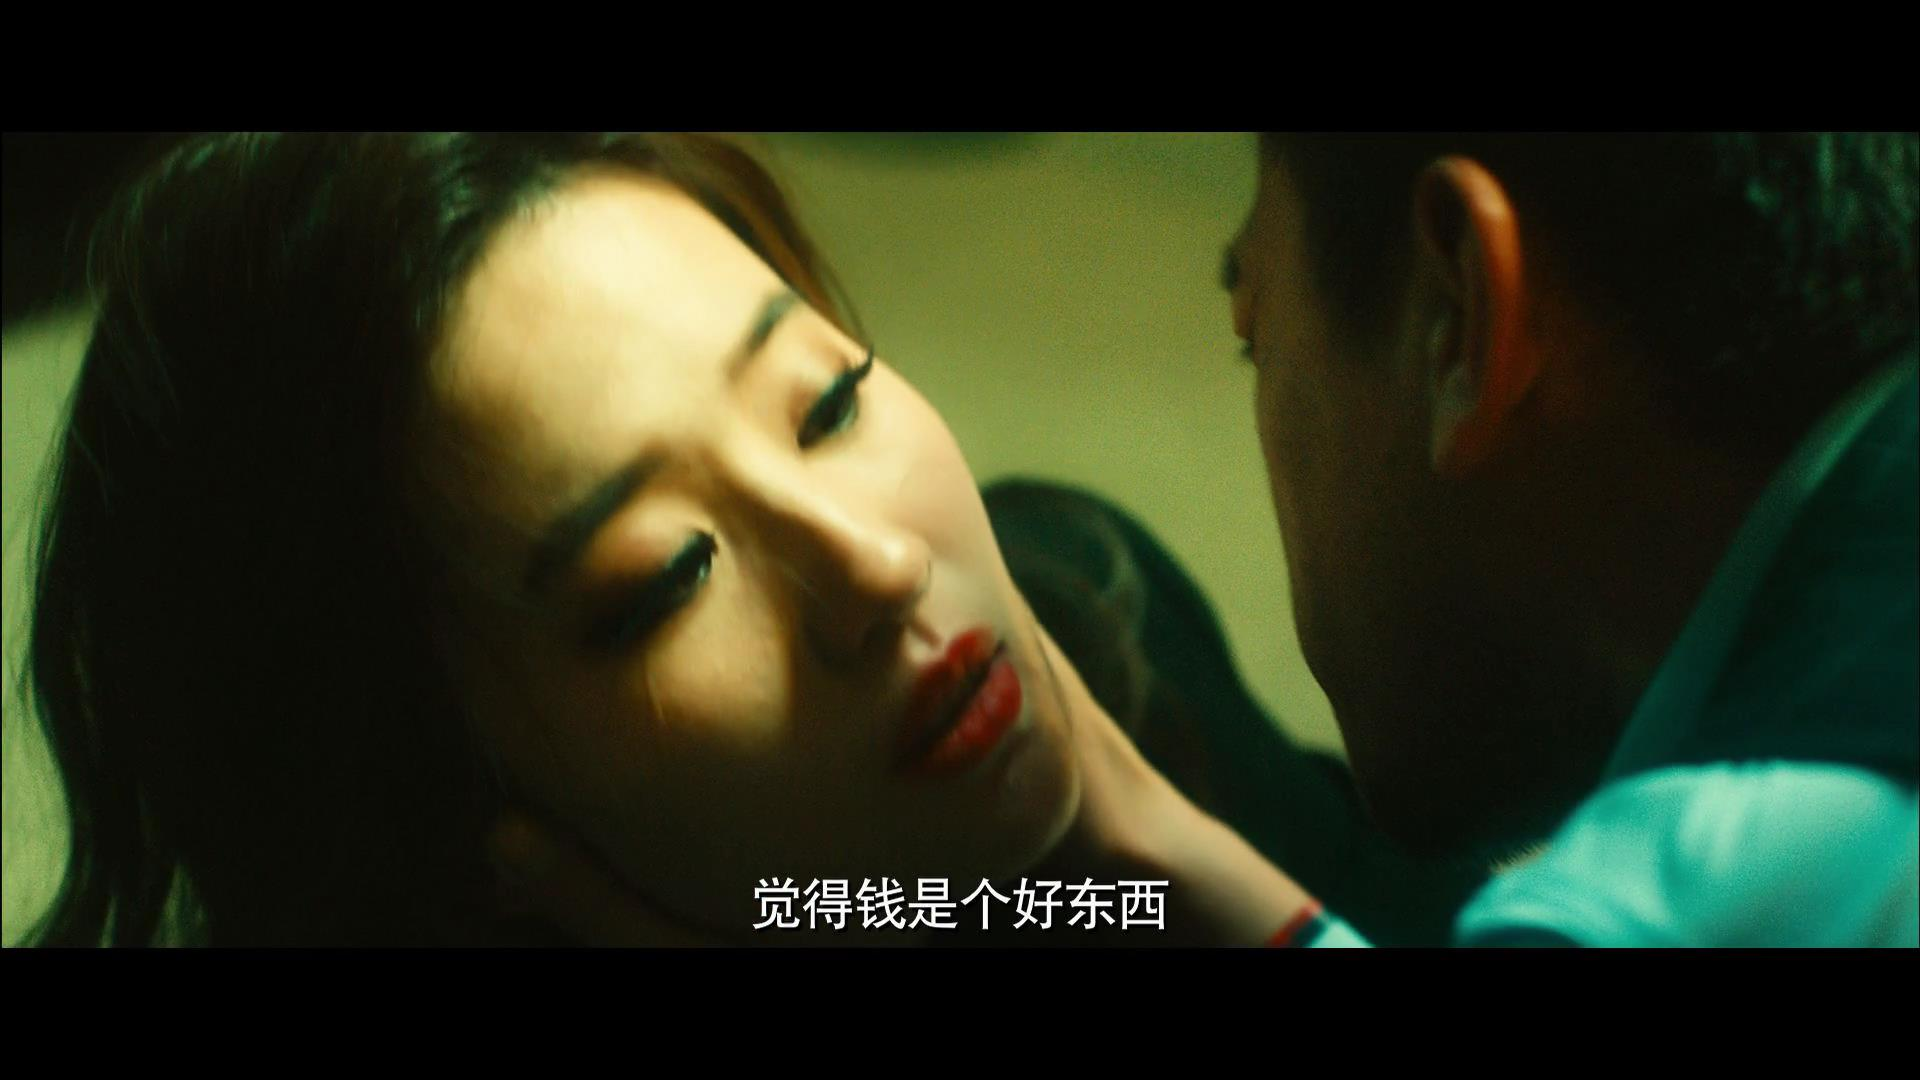 《露水红颜》预告&花絮 (2014.11.4)